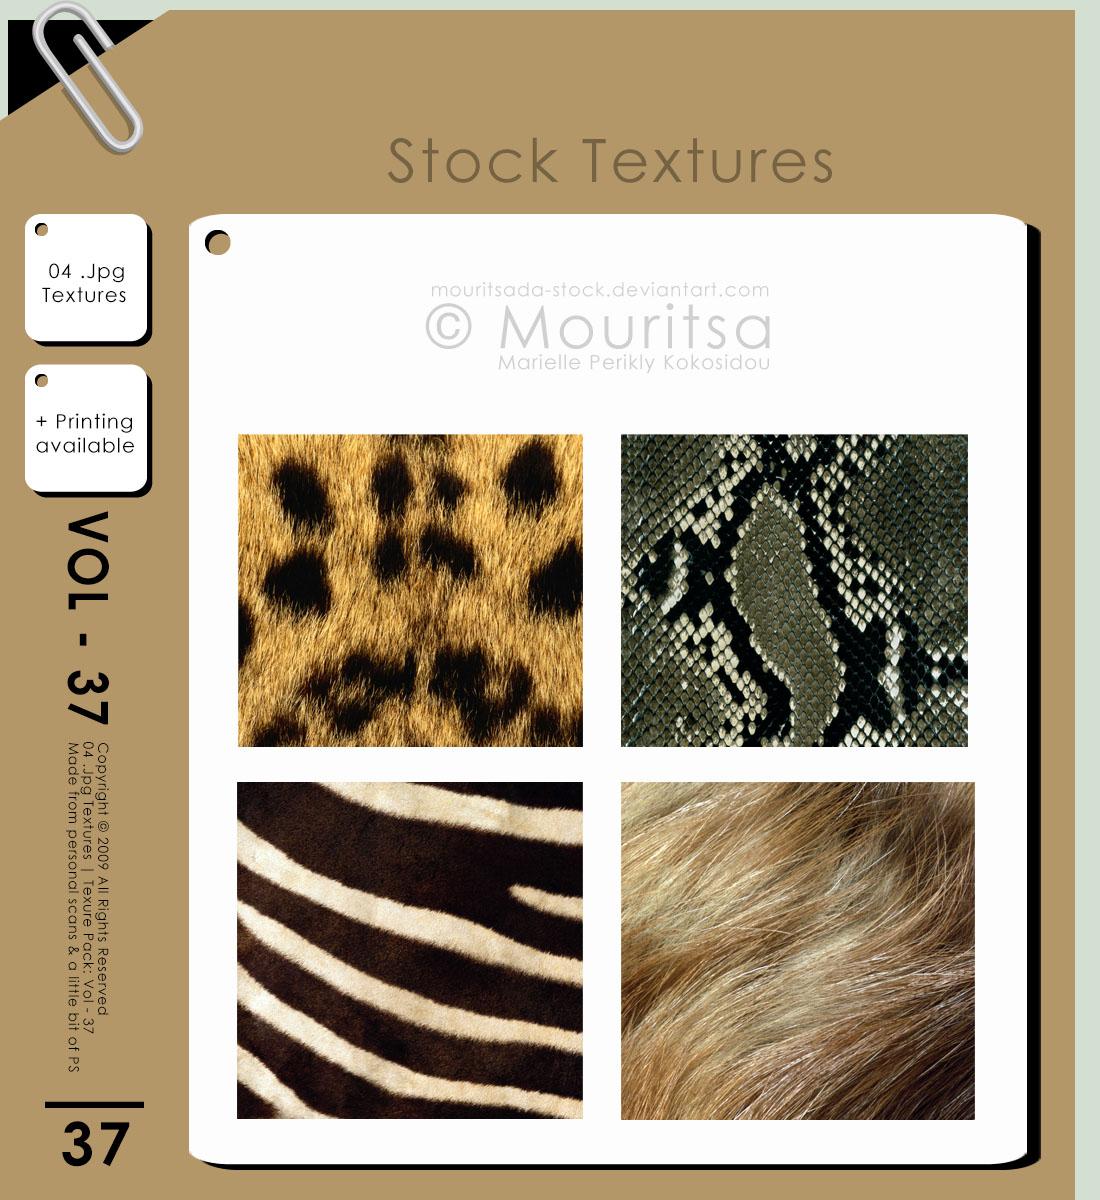 4种皮毛纹理、蟒蛇纹理、斑马纹理、豹子纹理、狮子毛发材质PS动物素材(PNG图片素材)